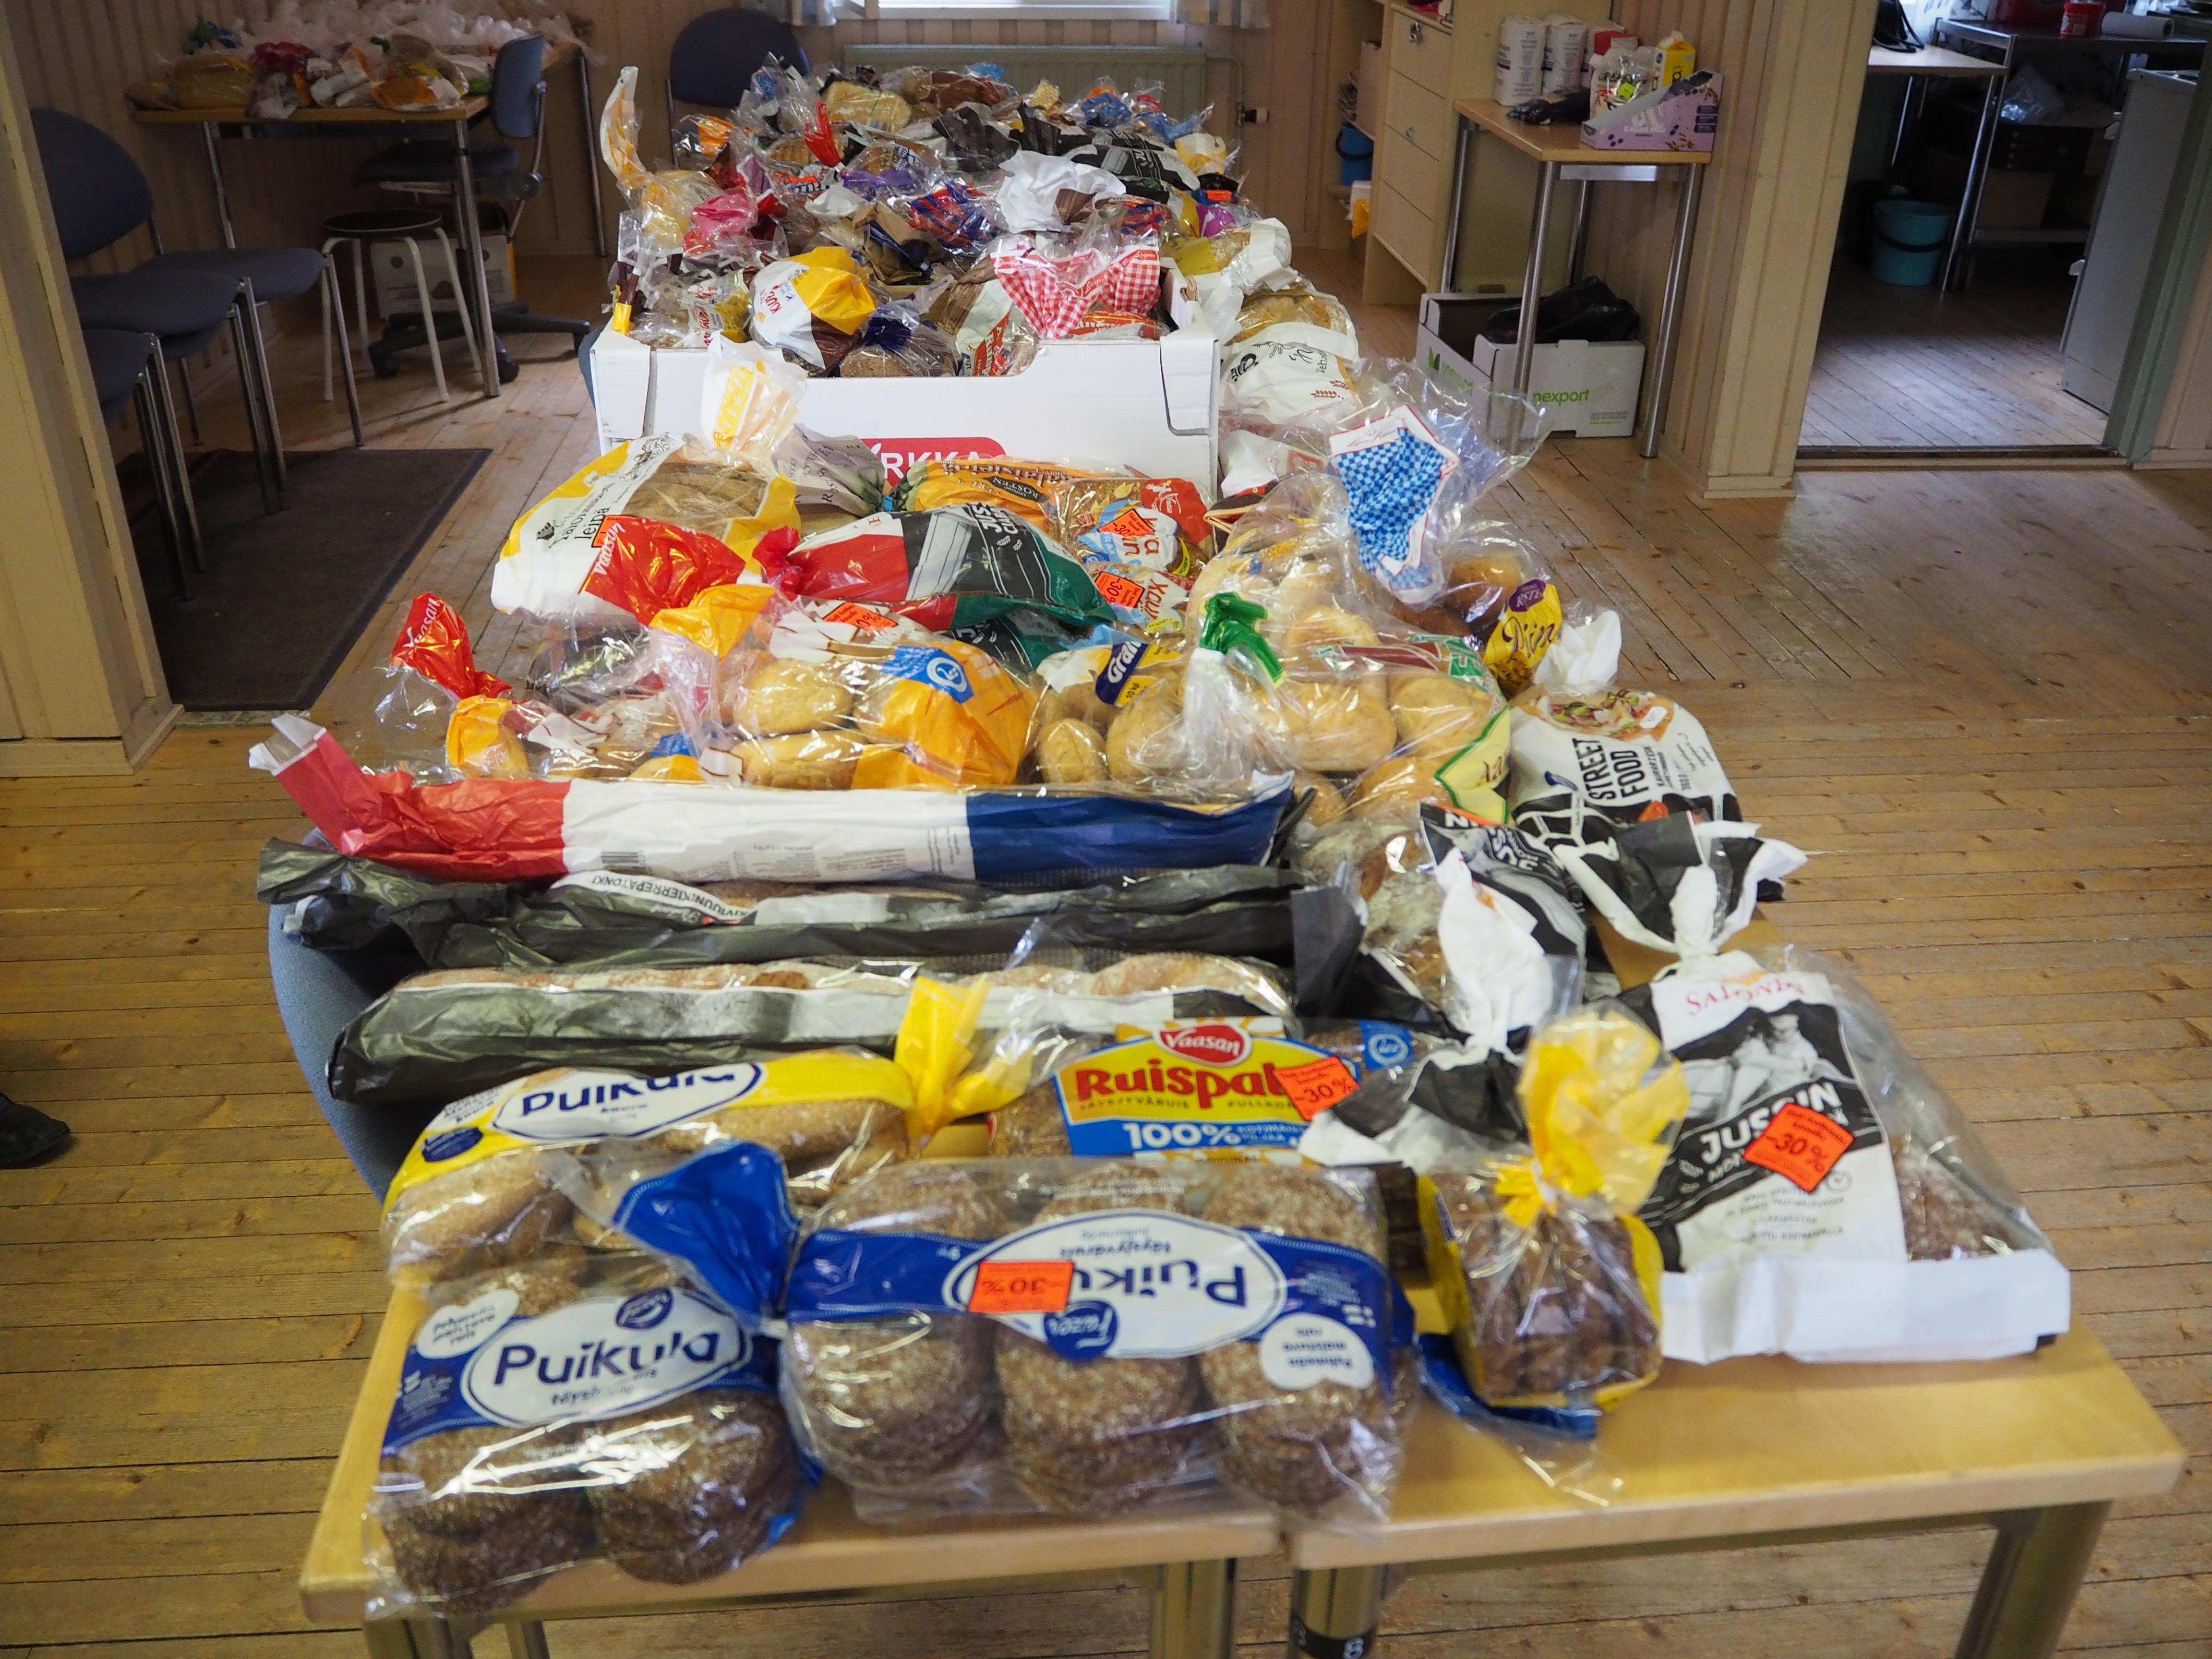 Saukkolan kylätoimintayhdistys ry jakaa vähävaraisille ruokaa